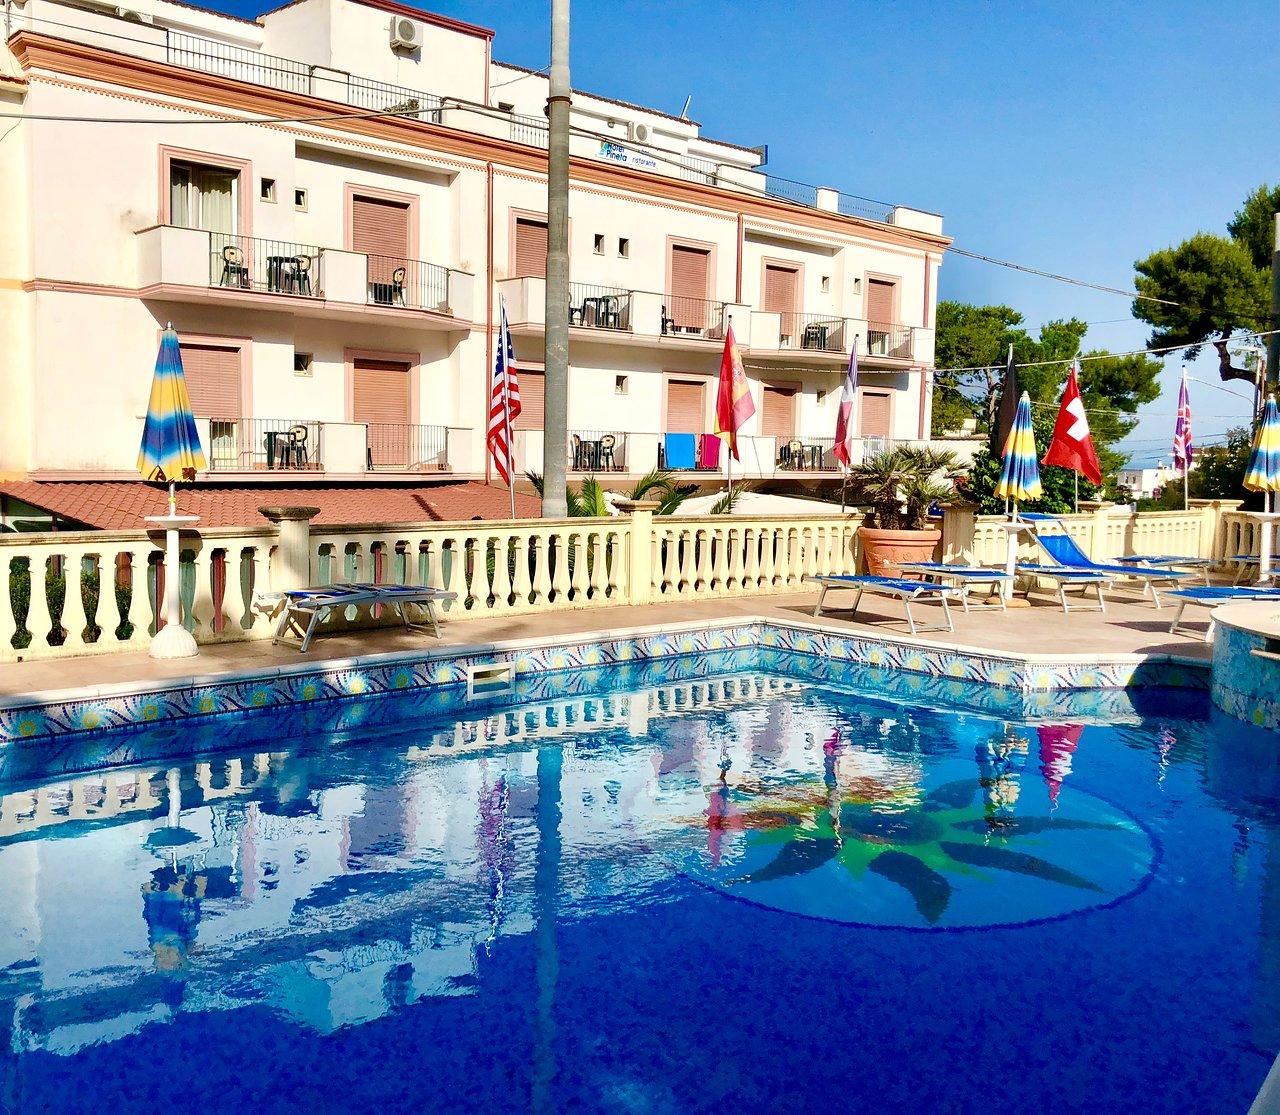 Palestra Vico Del Gargano i migliori 10 hotel vicino a vico del gargano - tripadvisor